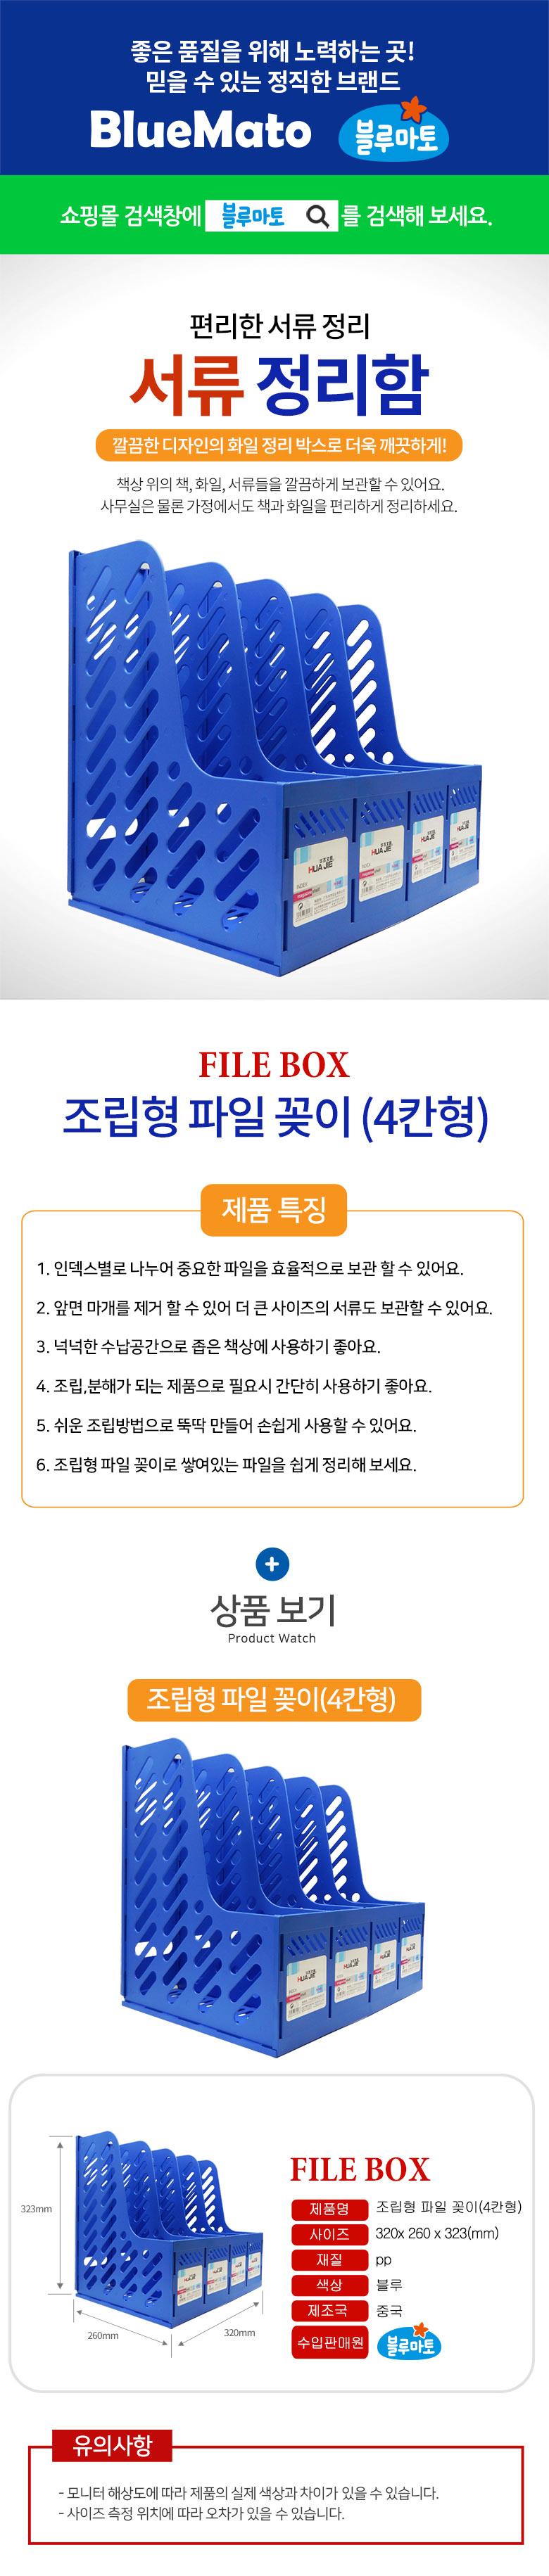 조립형 파일 꽂이_4칸형 - 블루마토, 9,500원, 데스크정리, 서류/파일홀더